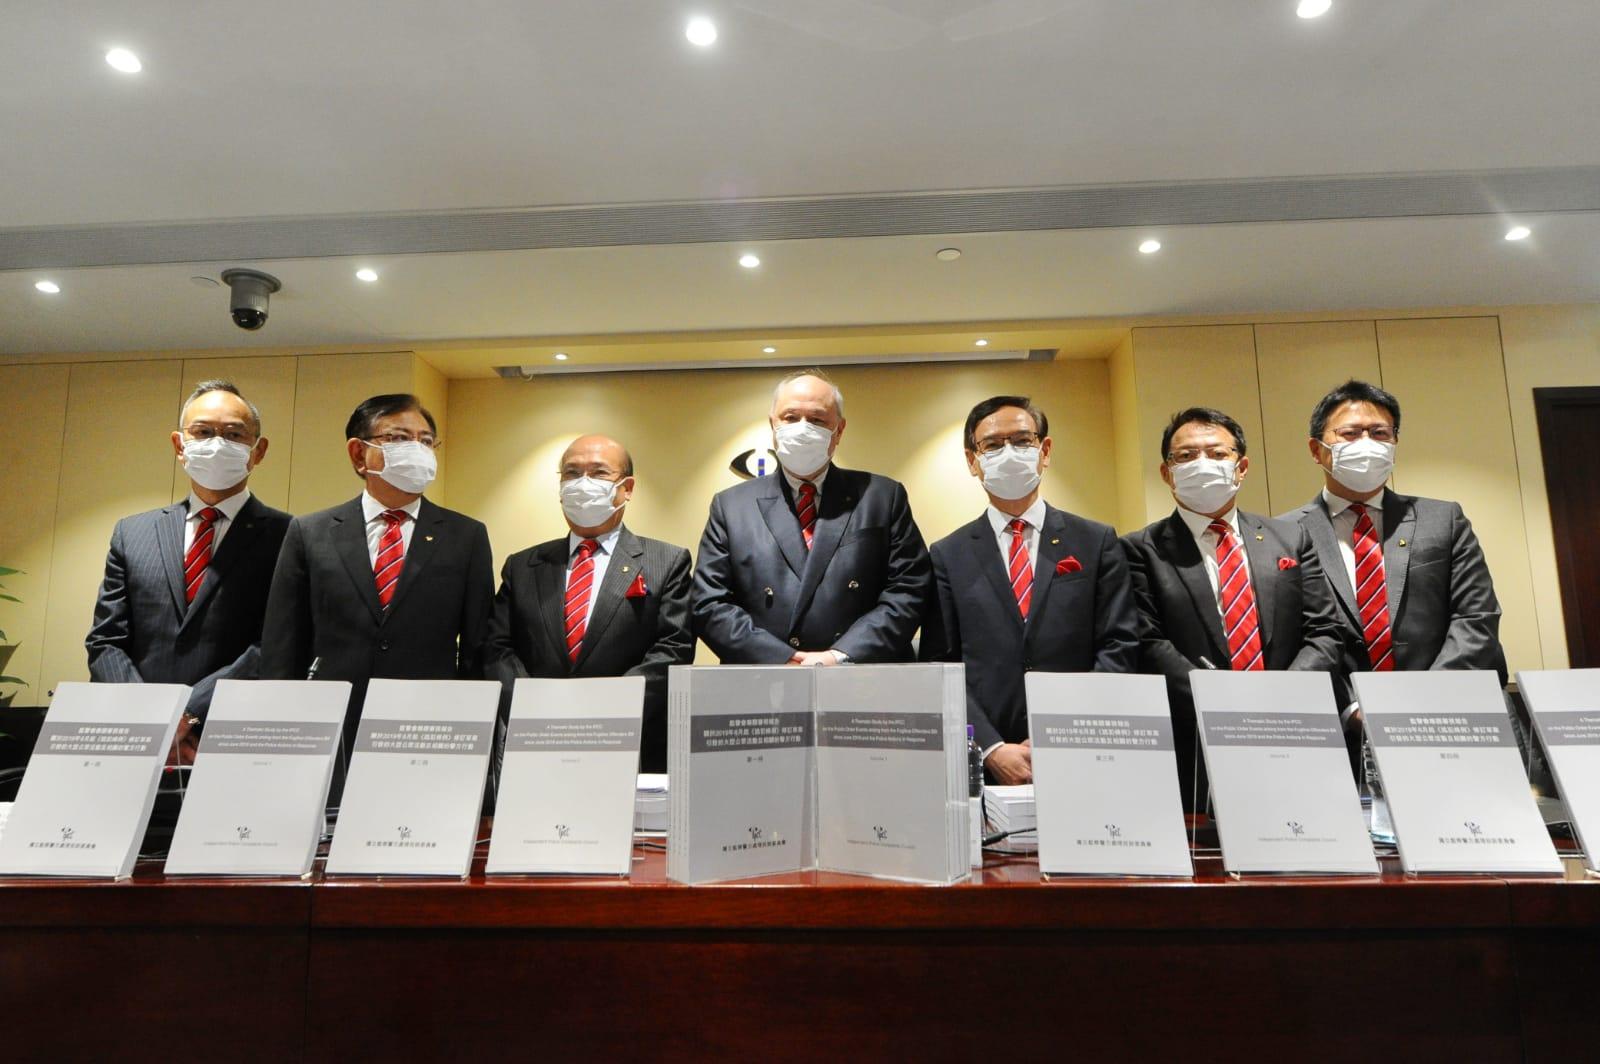 監警會會主席主席梁定邦及專案組督導委員會成員共11人,出現了新聞發佈會,宣佈了監警會報告出爐。(宋碧龍/大紀元)